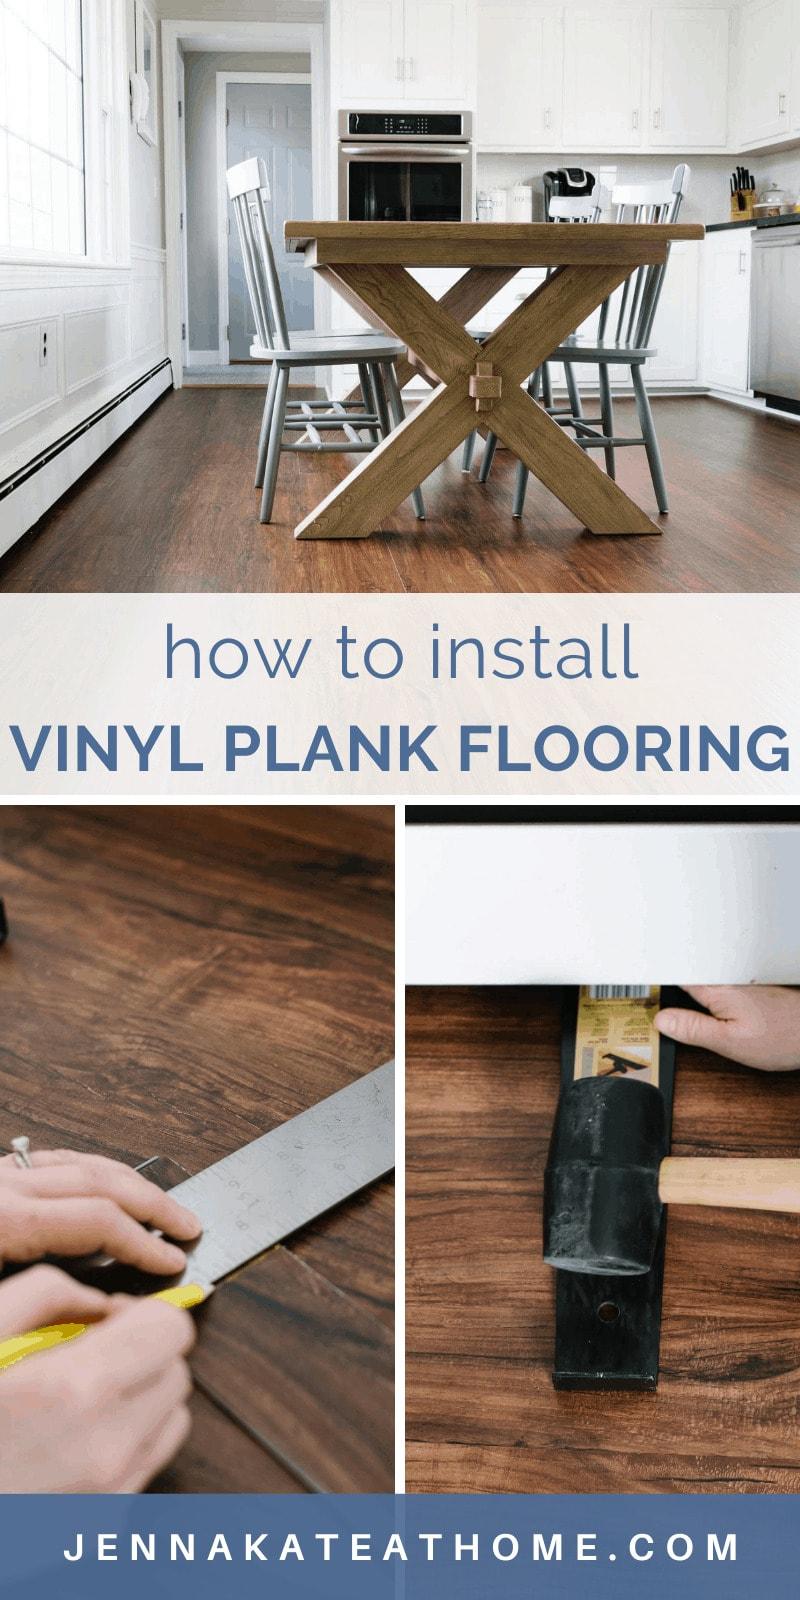 how to install vinyl plank flooringå